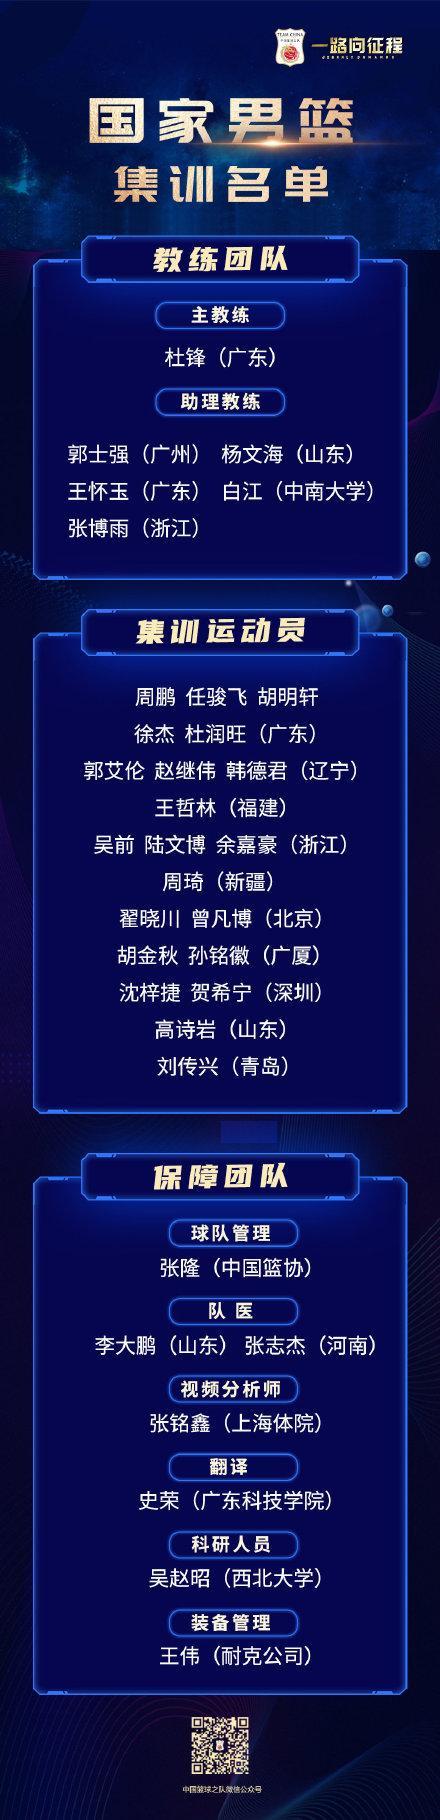 中国八一队改名了吗